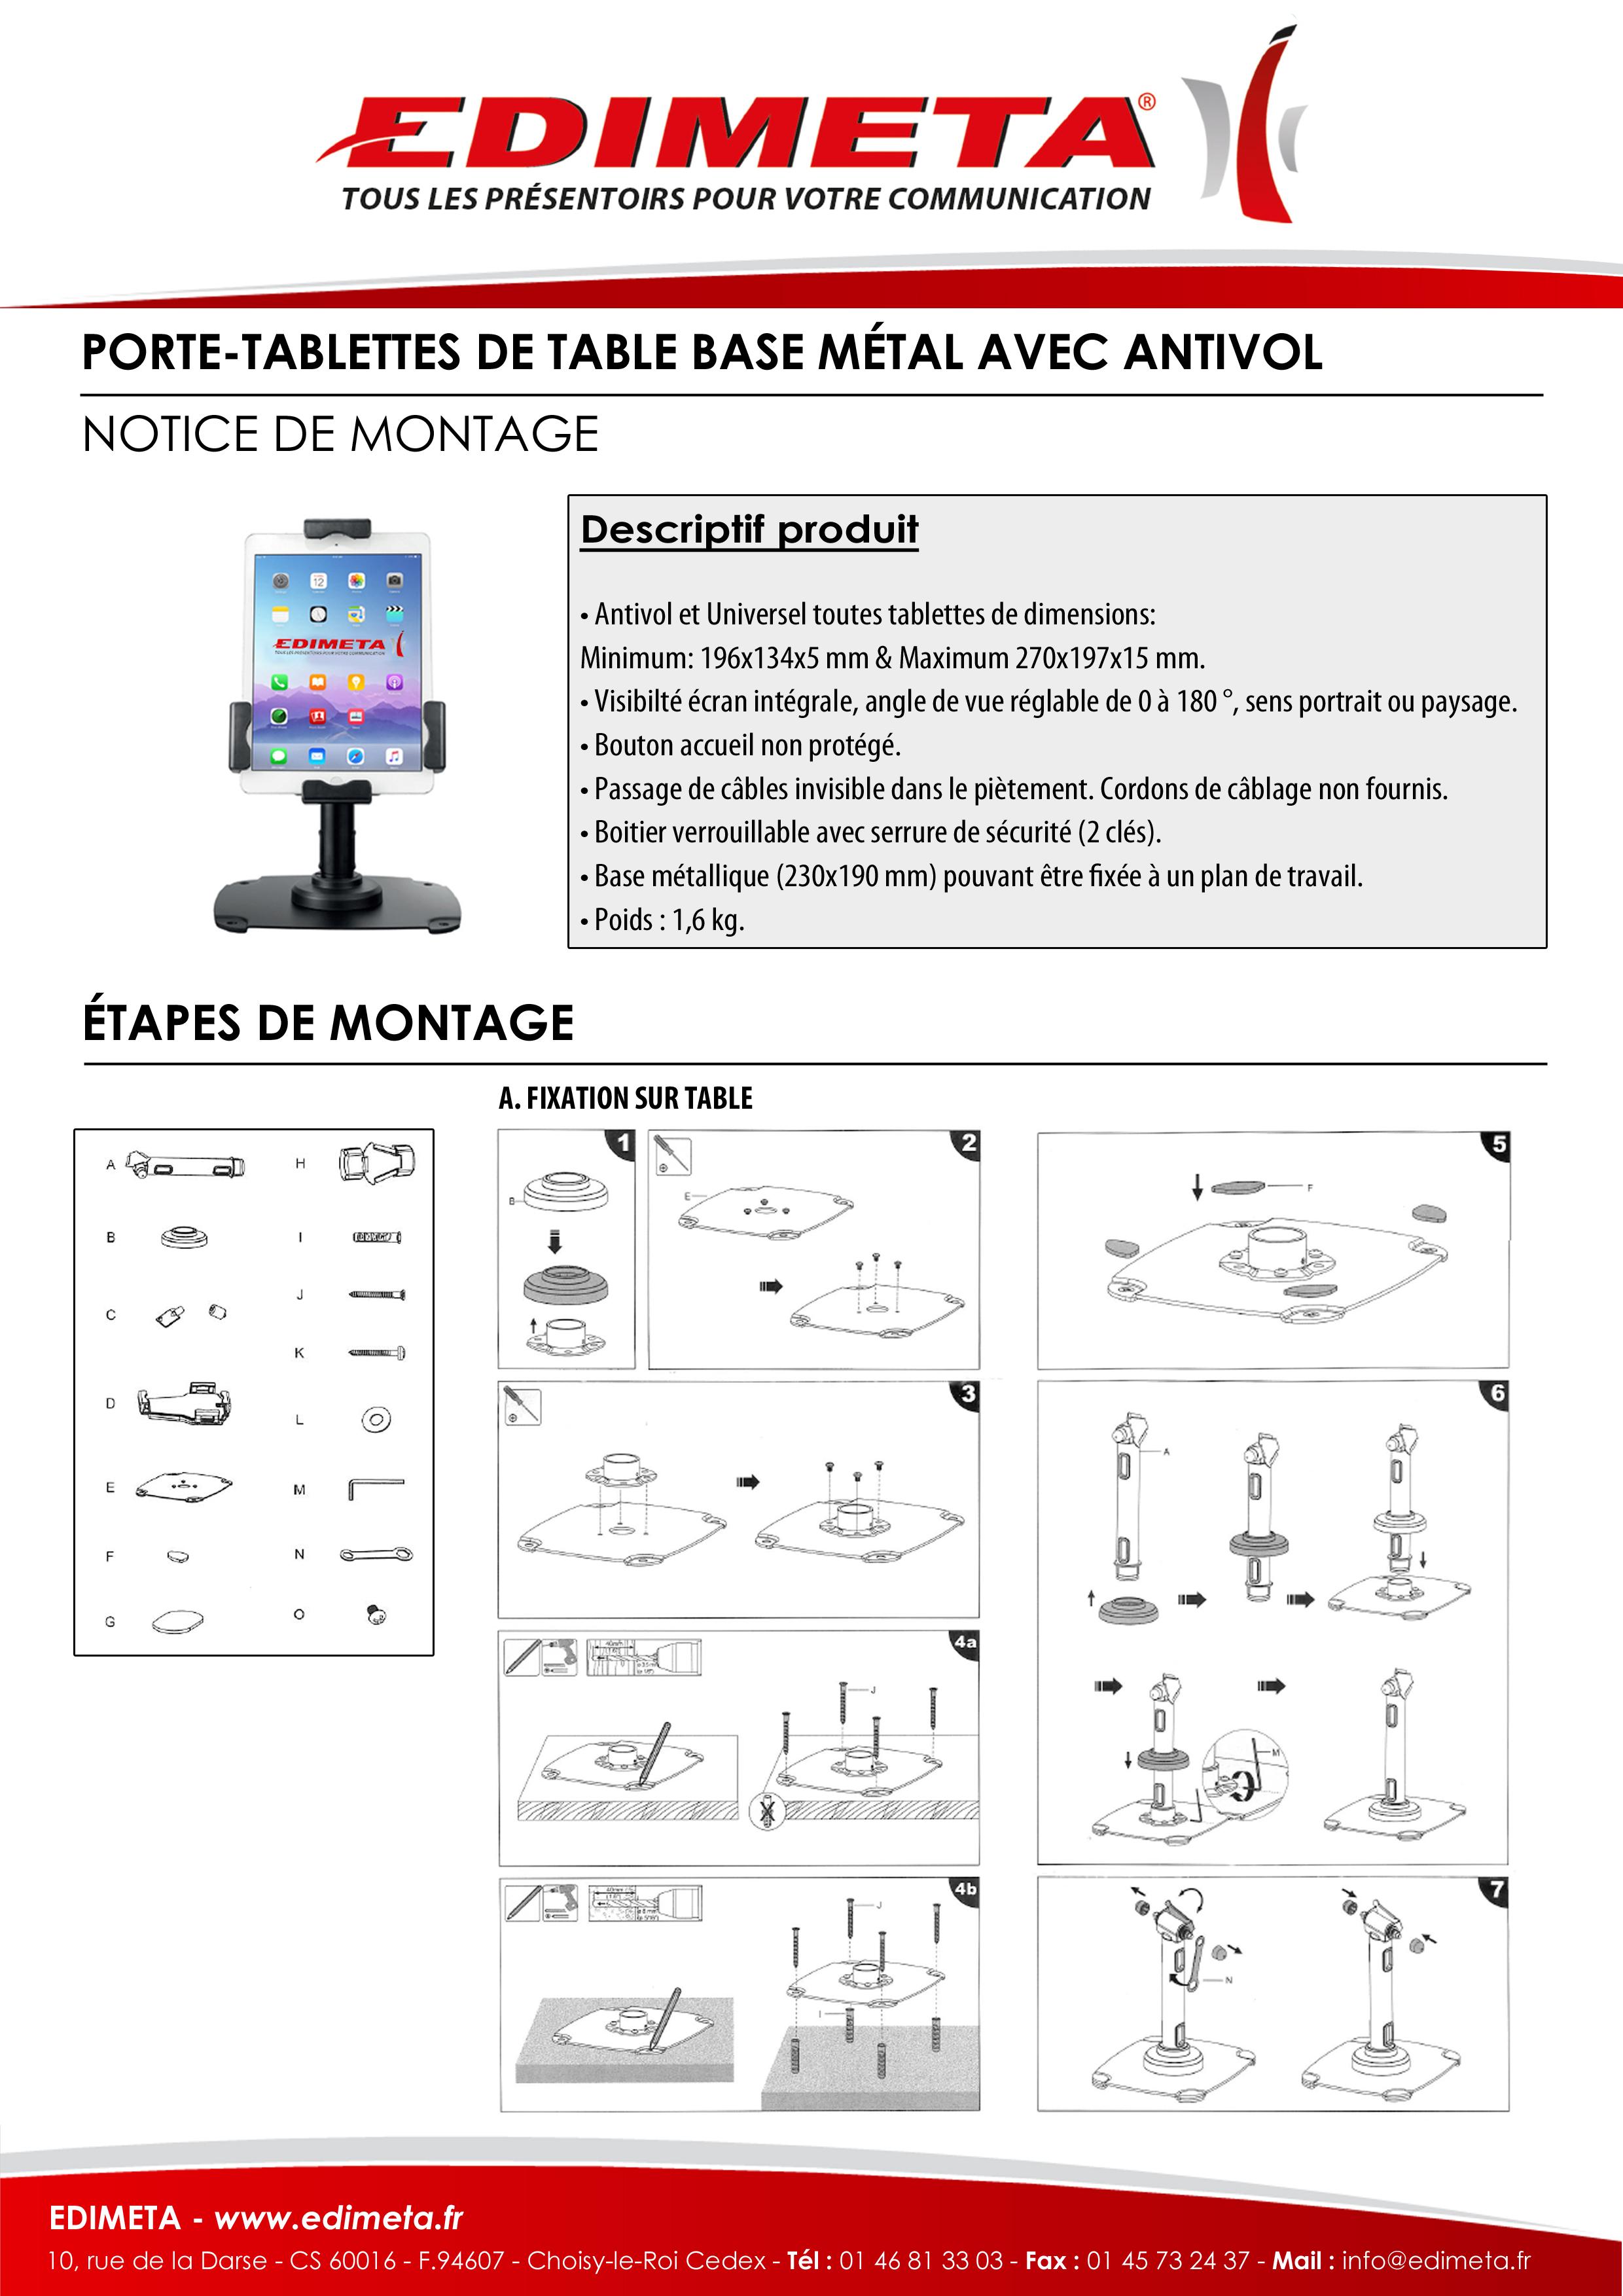 NOTICE DE MONTAGE : PORTE-TABLETTES DE TABLE BASE MÉTAL AVEC ANTIVOL